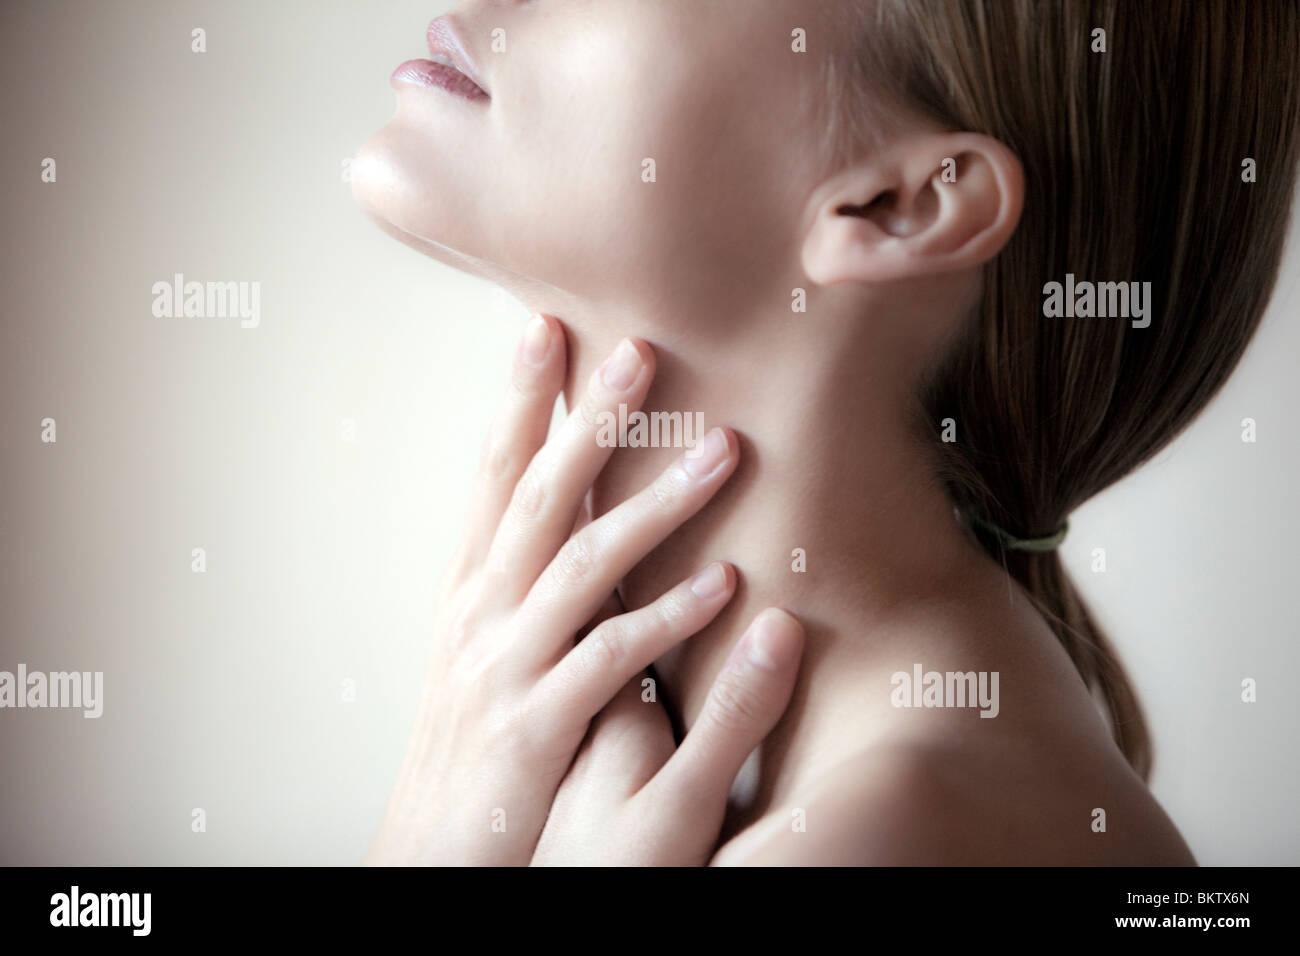 Junge Frau mit den Händen auf Hals, Augen geschlossen Stockbild